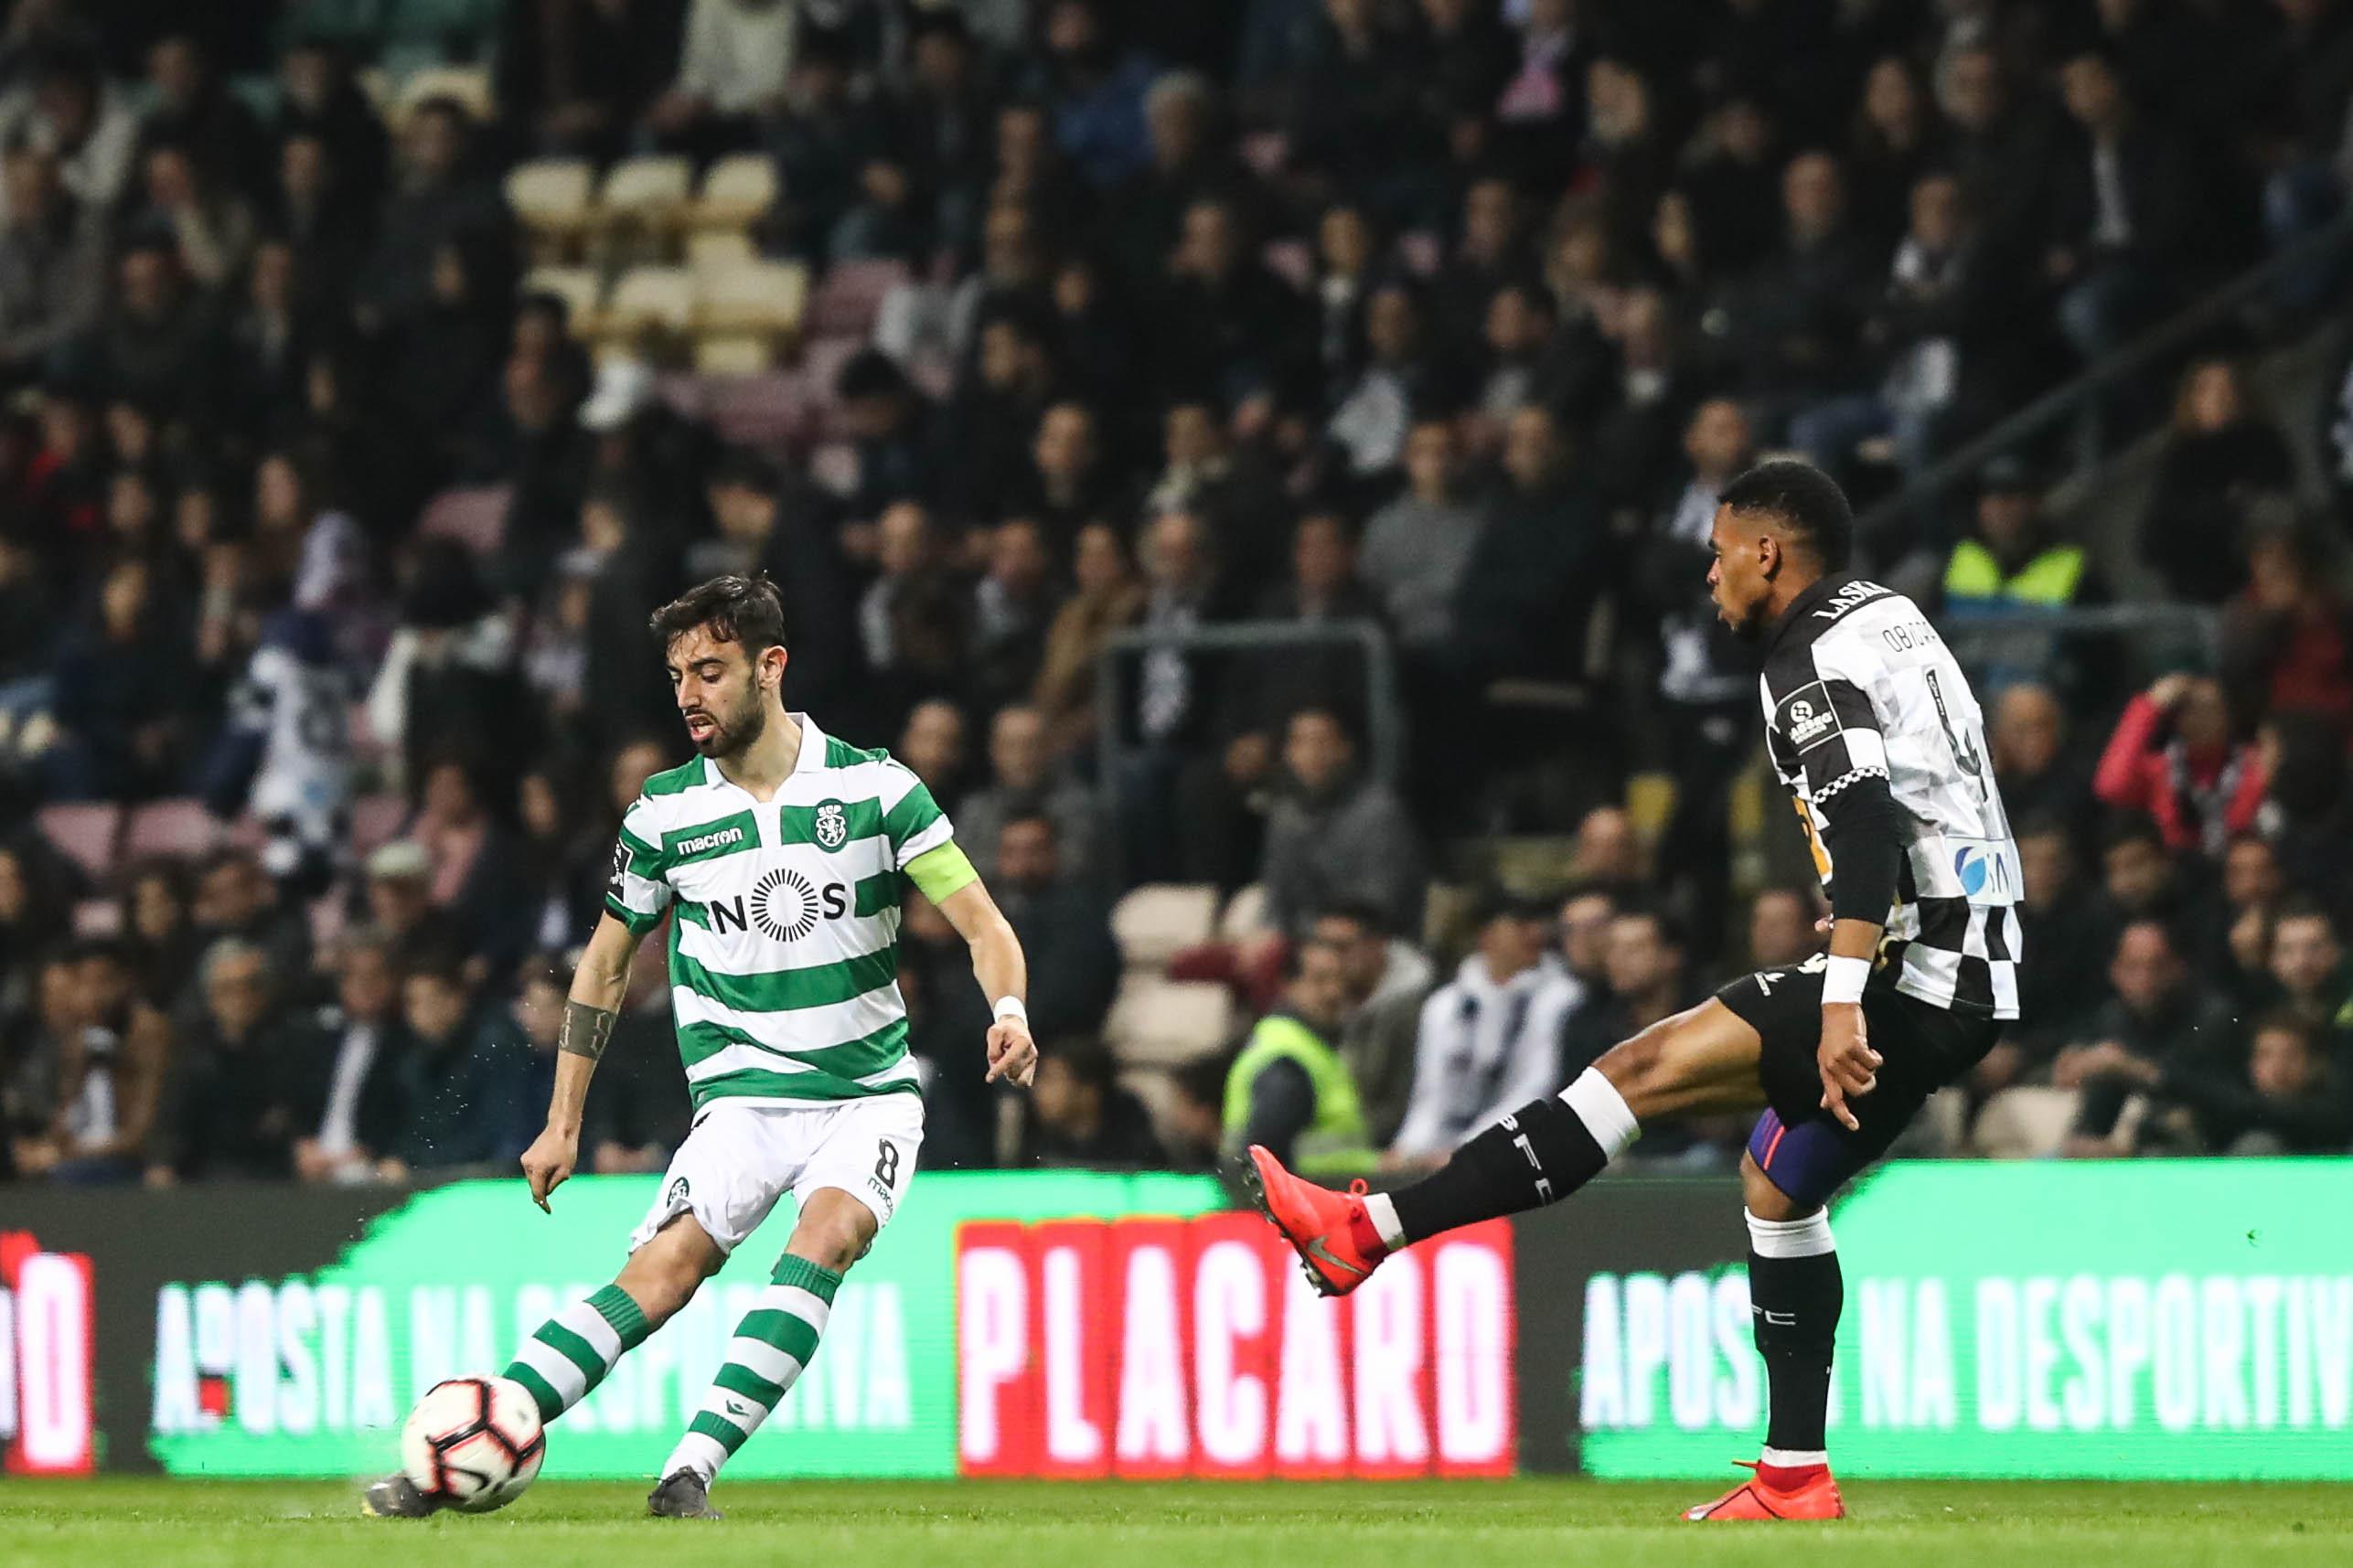 Sporting explica dispensa de Bruno Fernandes da Seleção Nacional